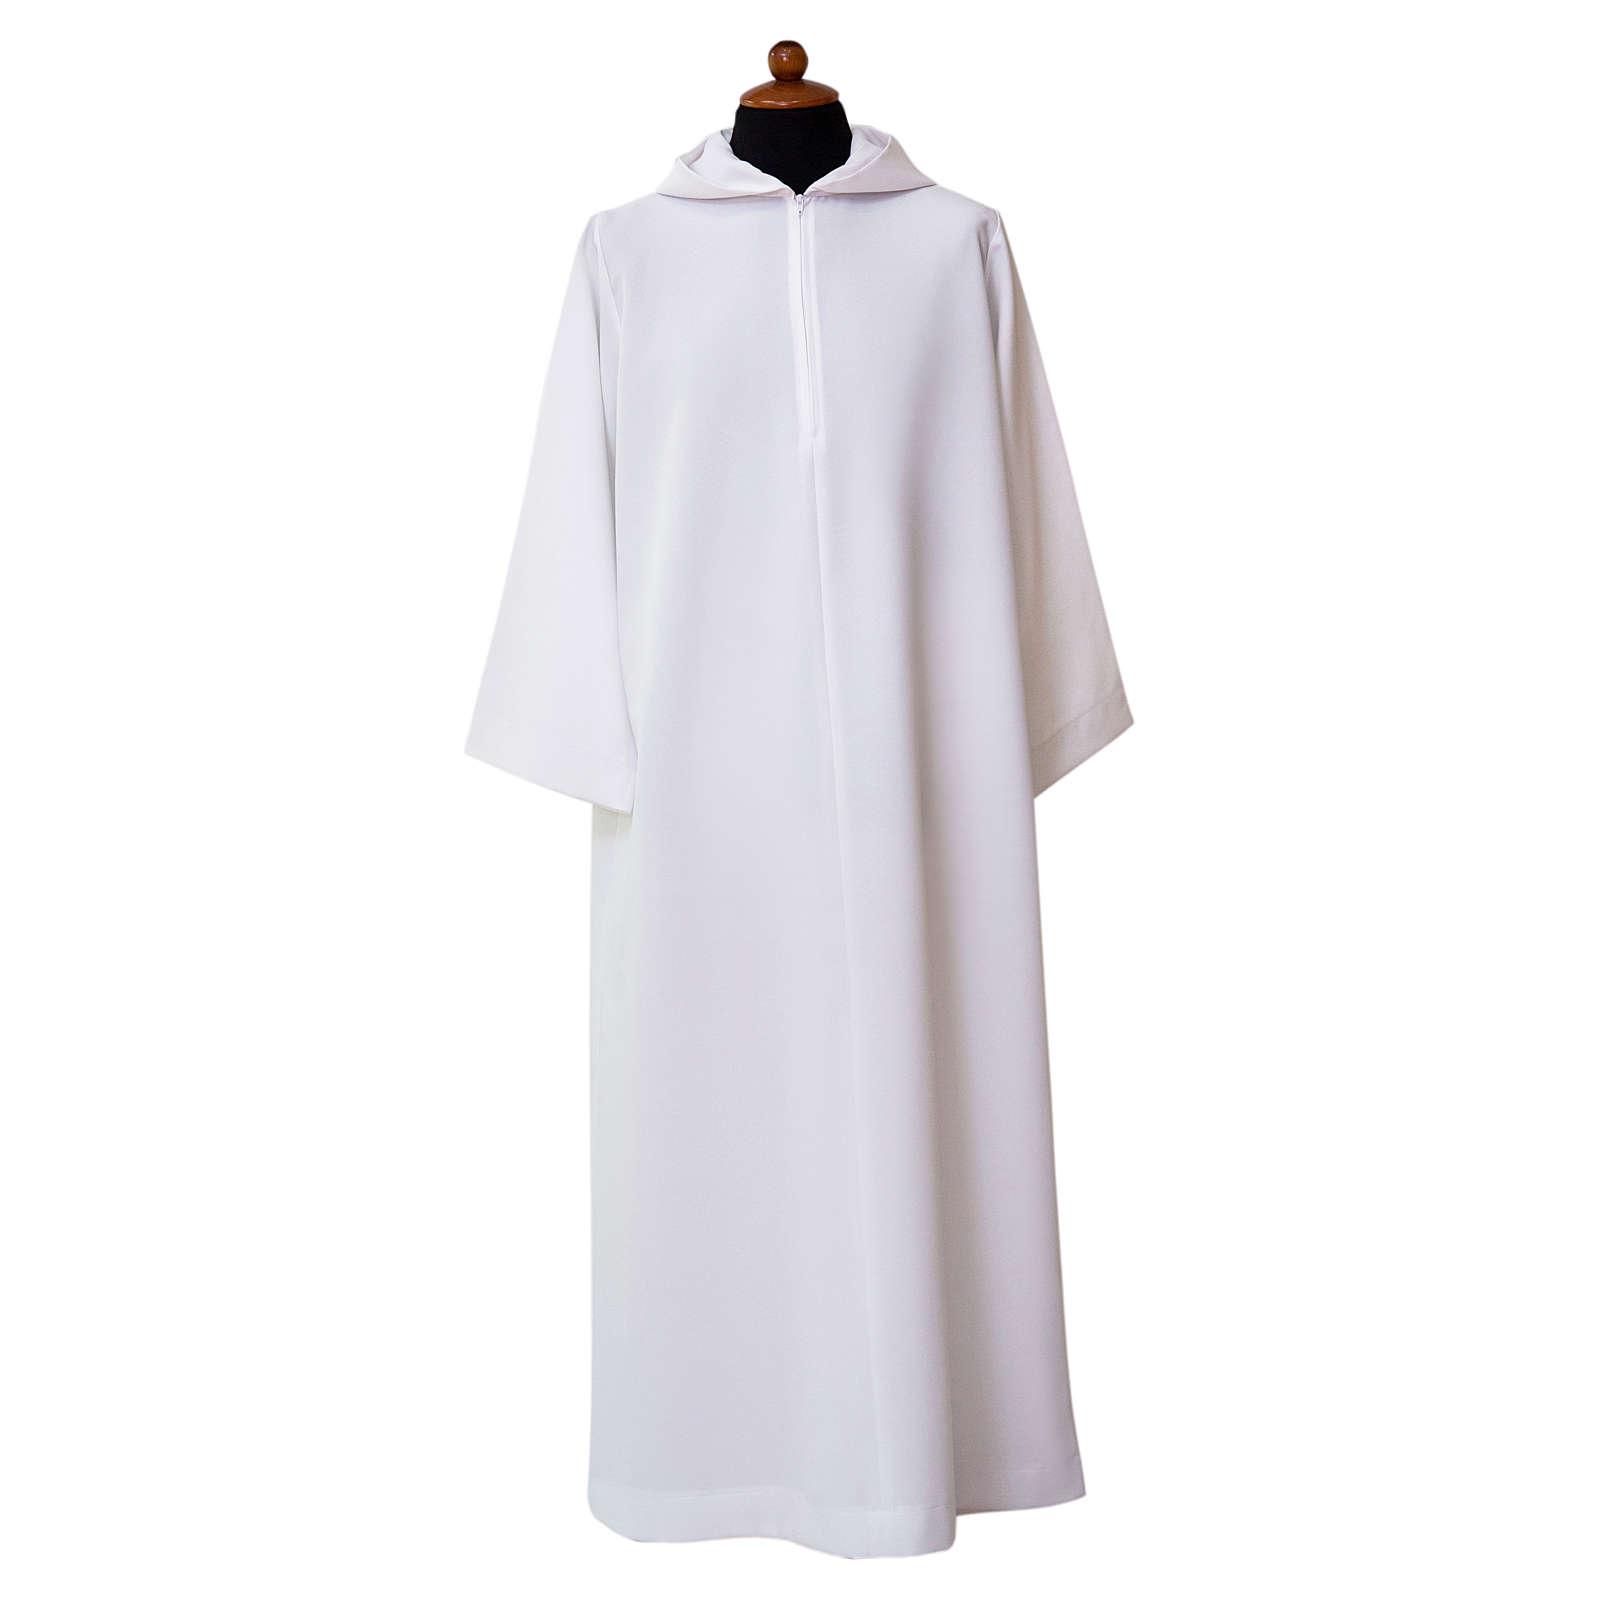 Camice bianco svasato ampio cappuccio misto cotone 4